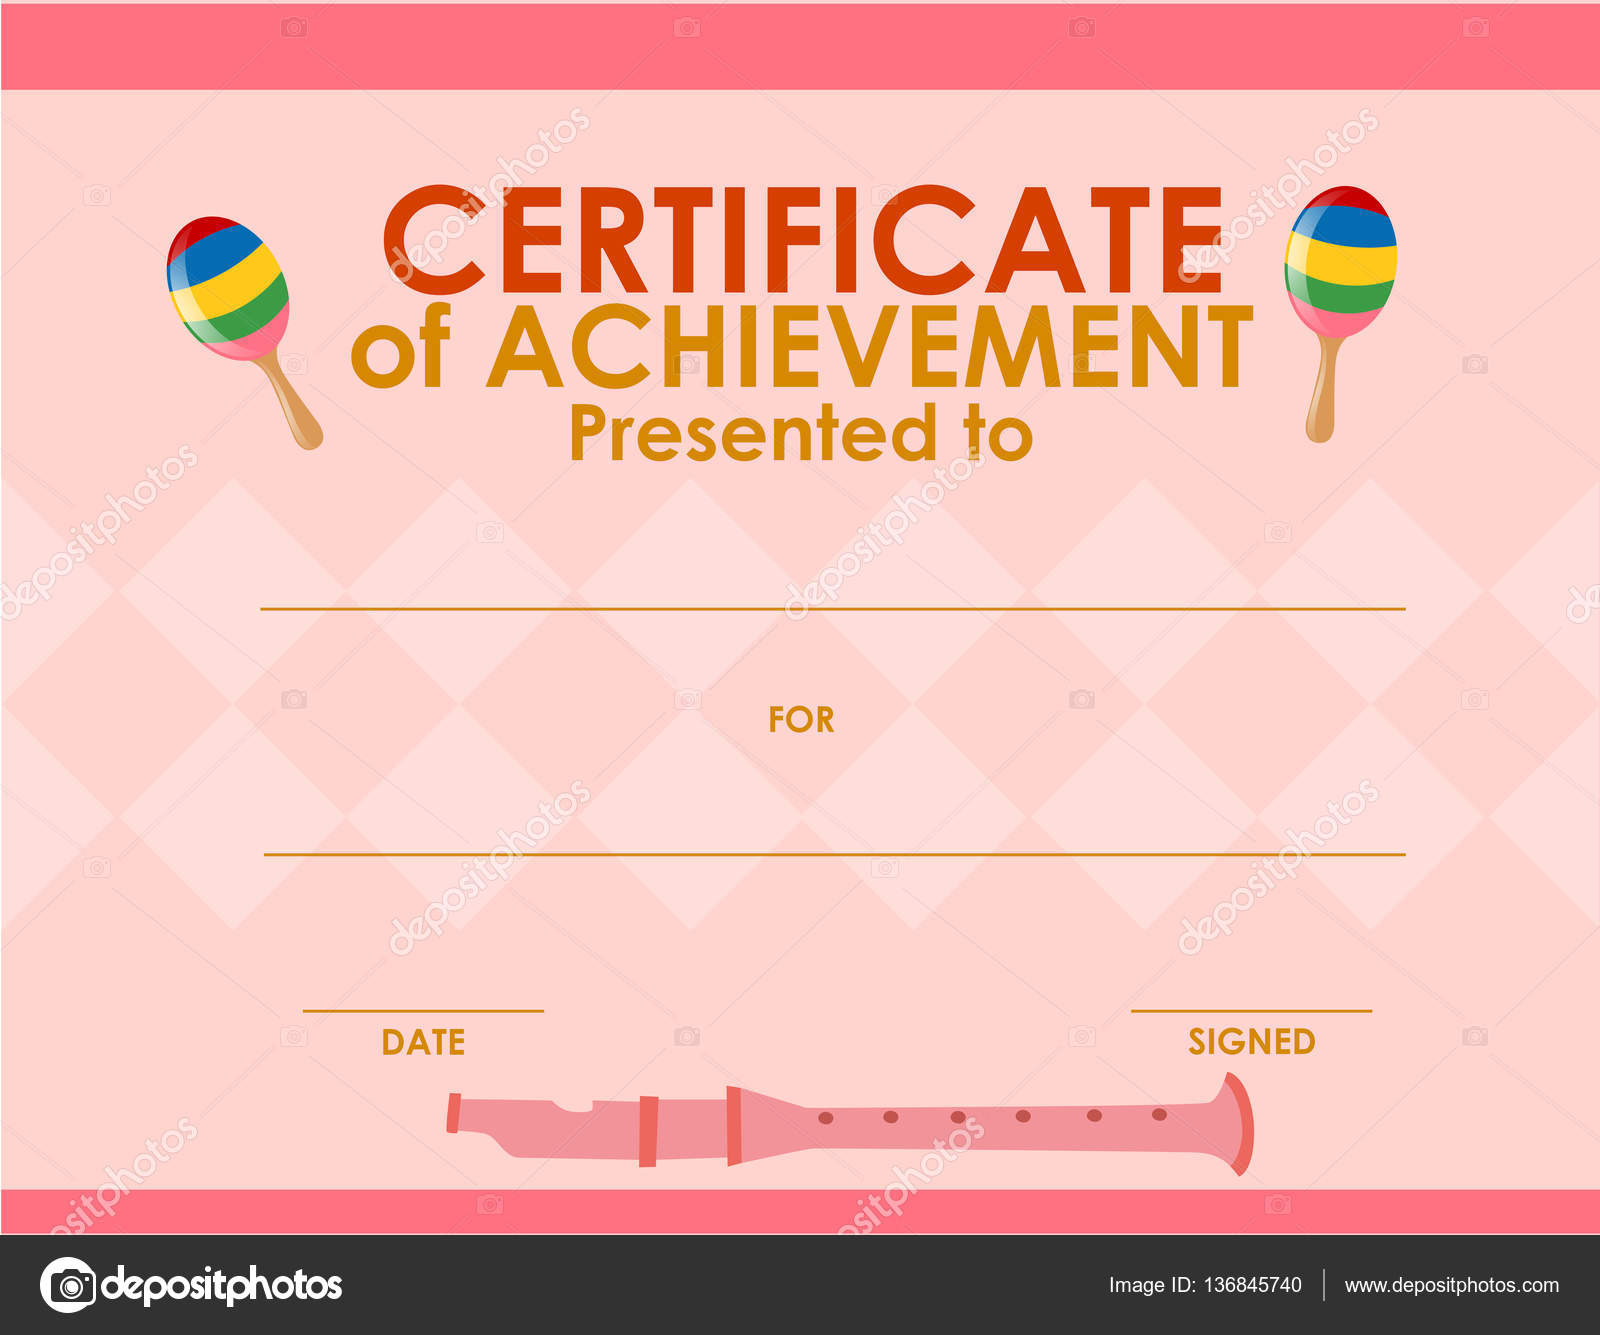 Zertifikat-Vorlage mit rosa Hintergrund — Stockvektor © brgfx #136845740